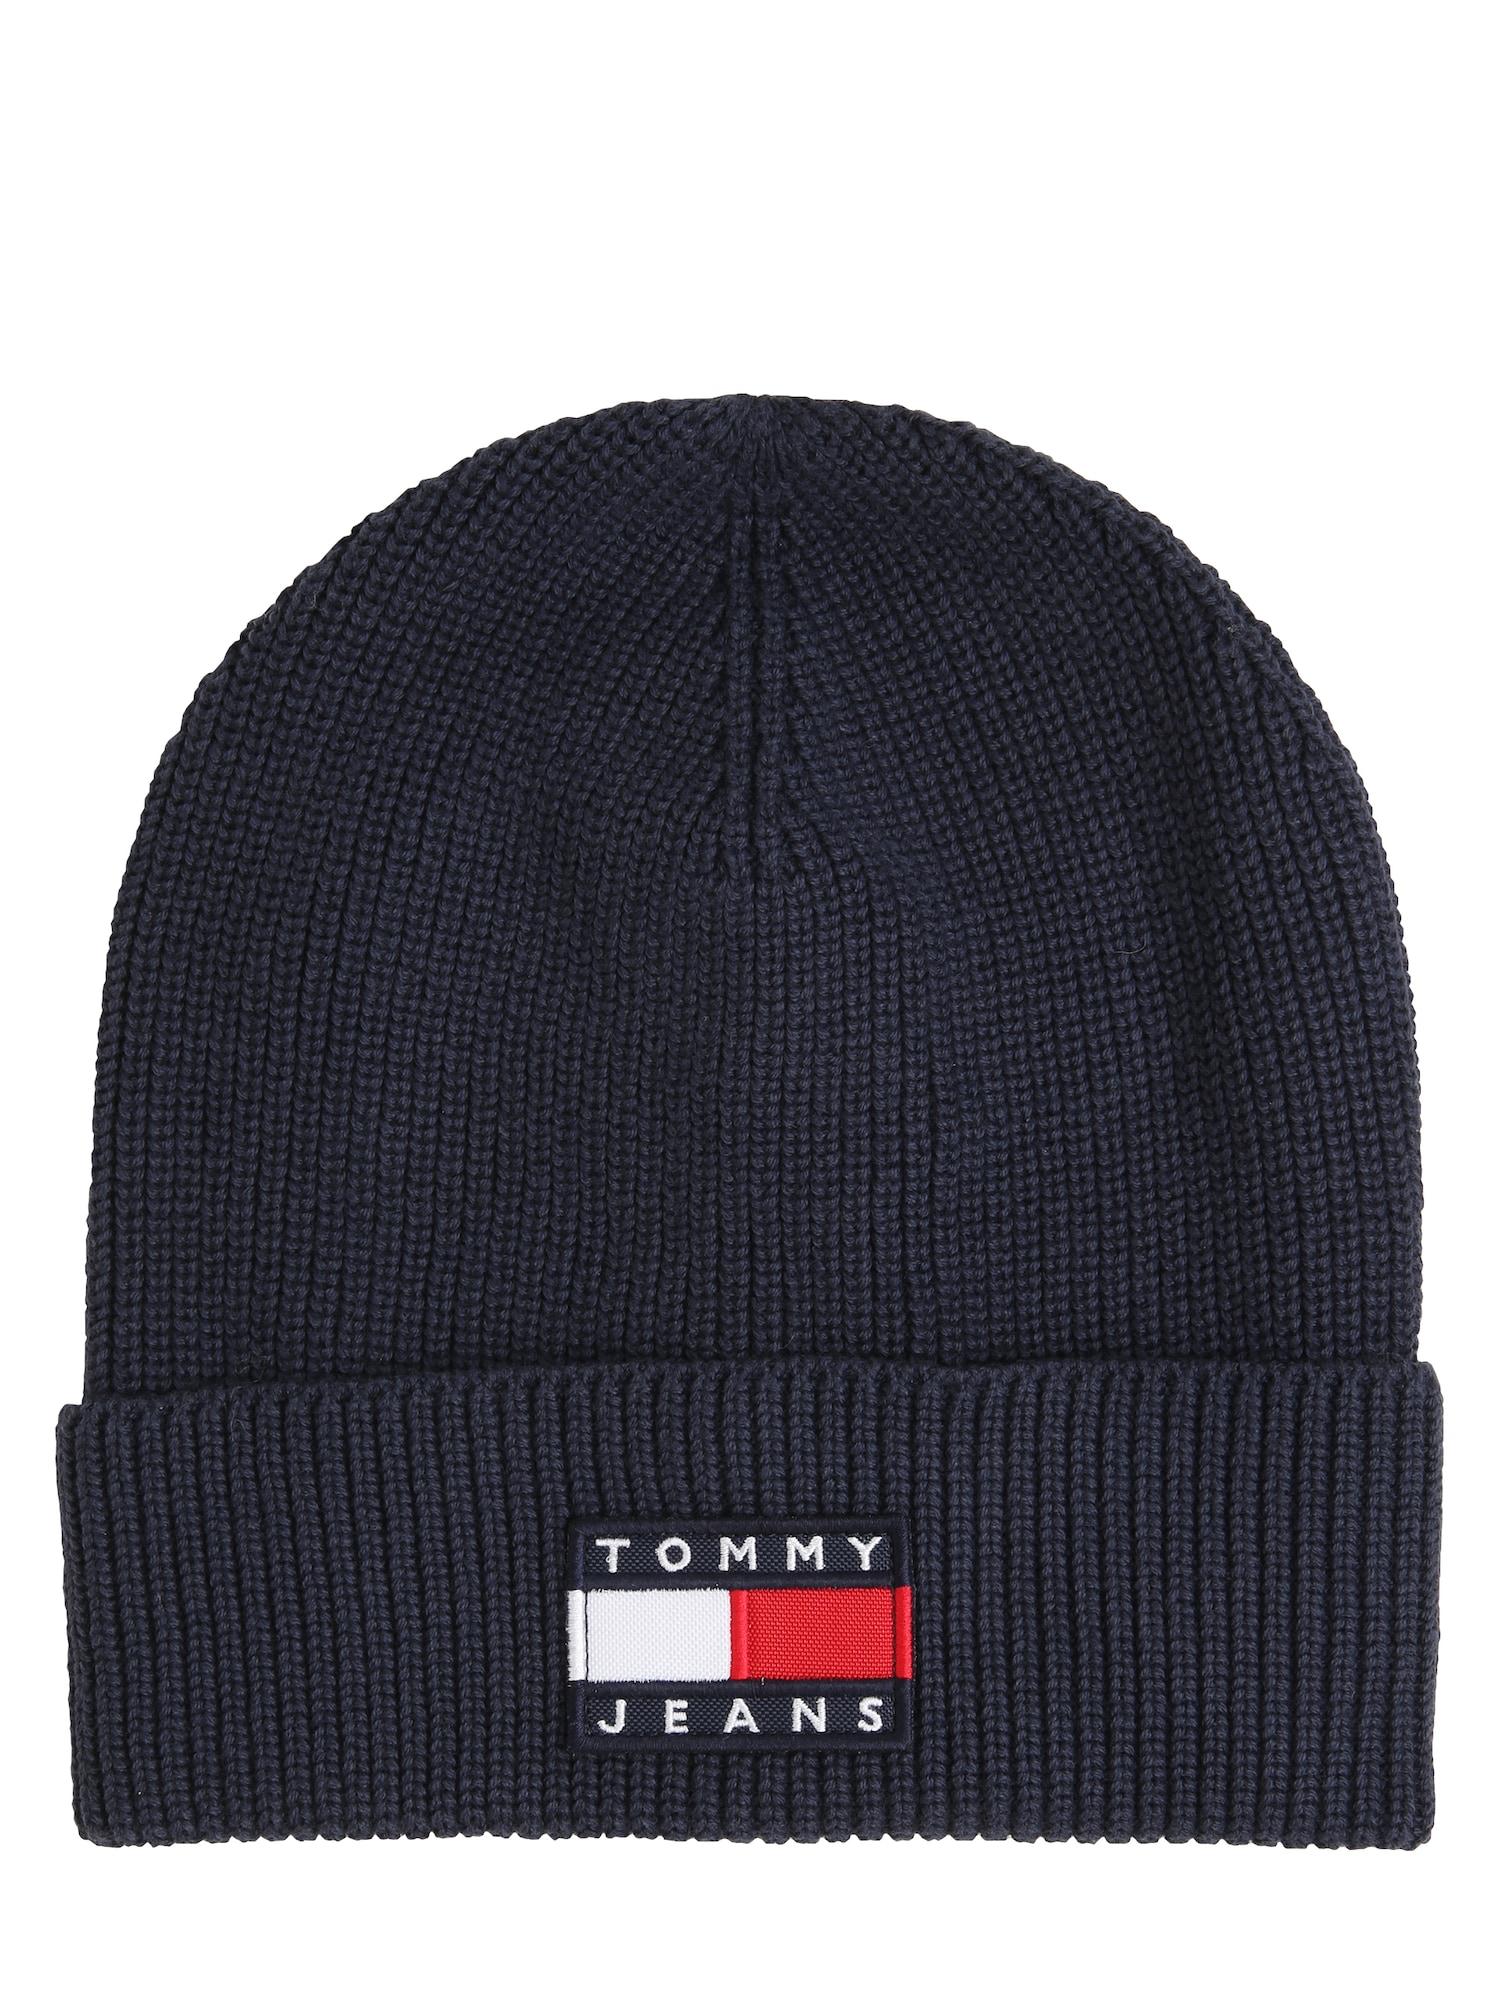 Tommy Jeans Čepice 'HERITAGE'  tmavě modrá / bílá / červená